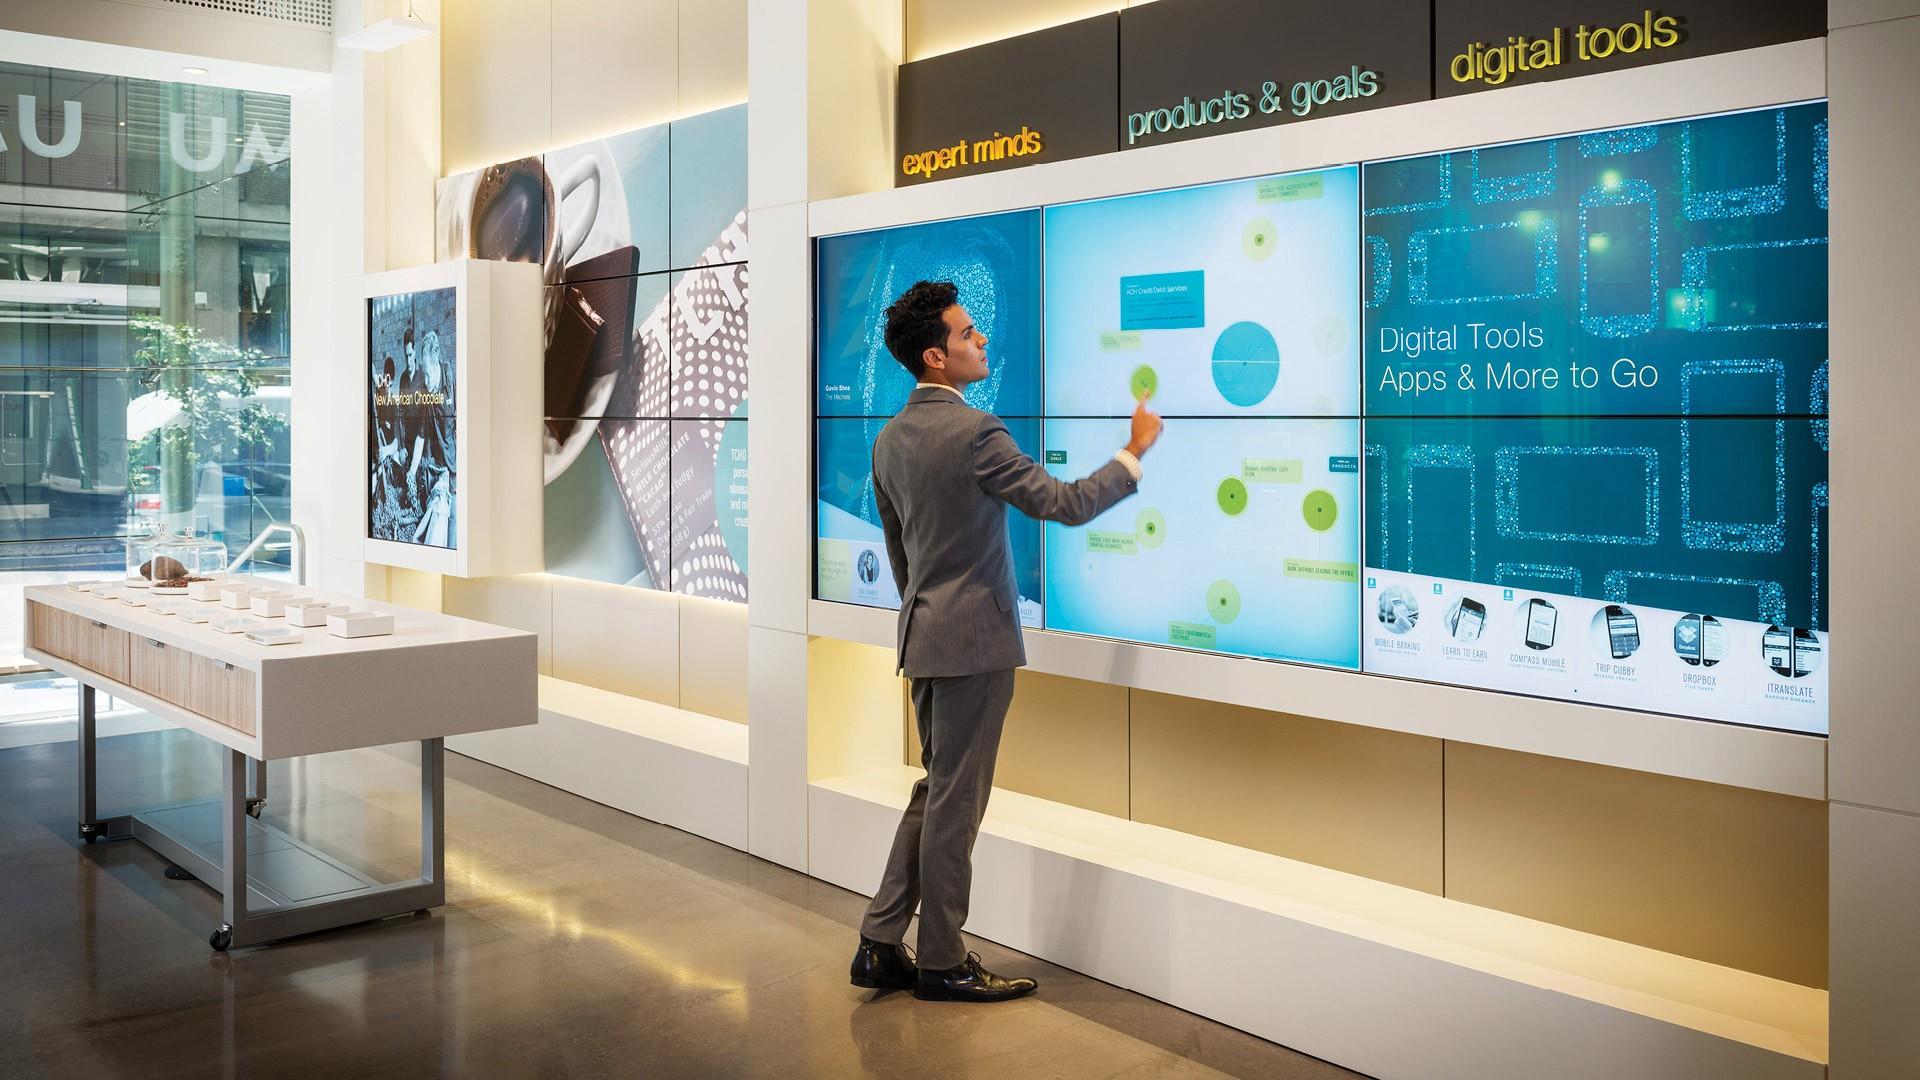 Сберегательный банк проводит тестирование технологий пораспознаванию клиентов